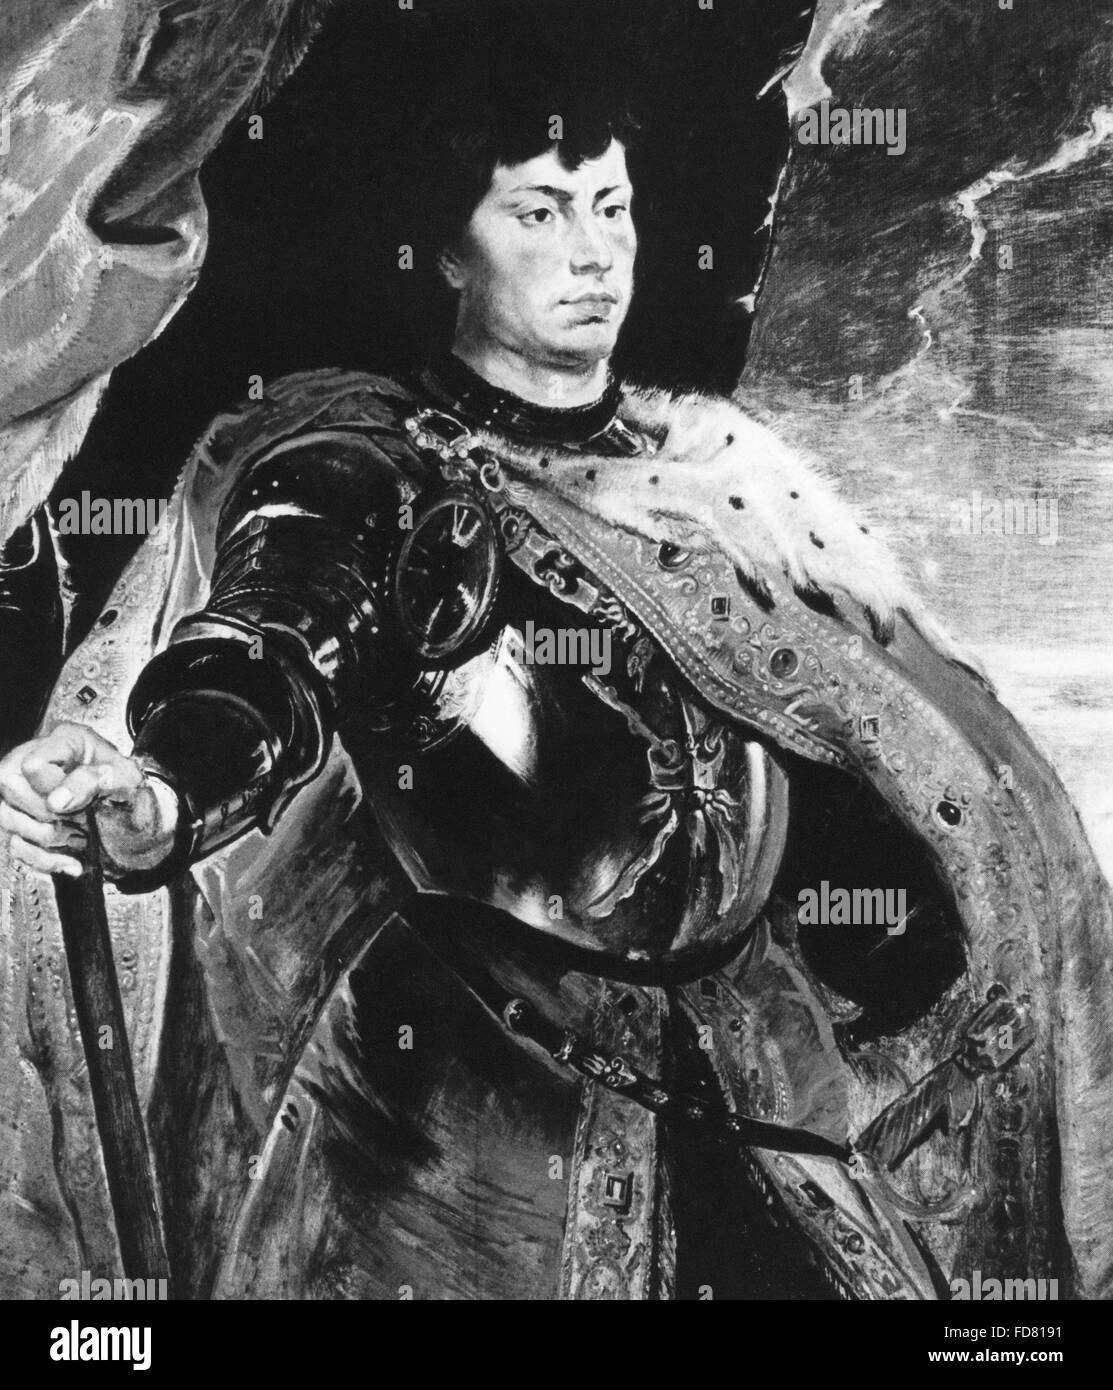 Porträt von Karl der kühne, um 1620 Stockbild